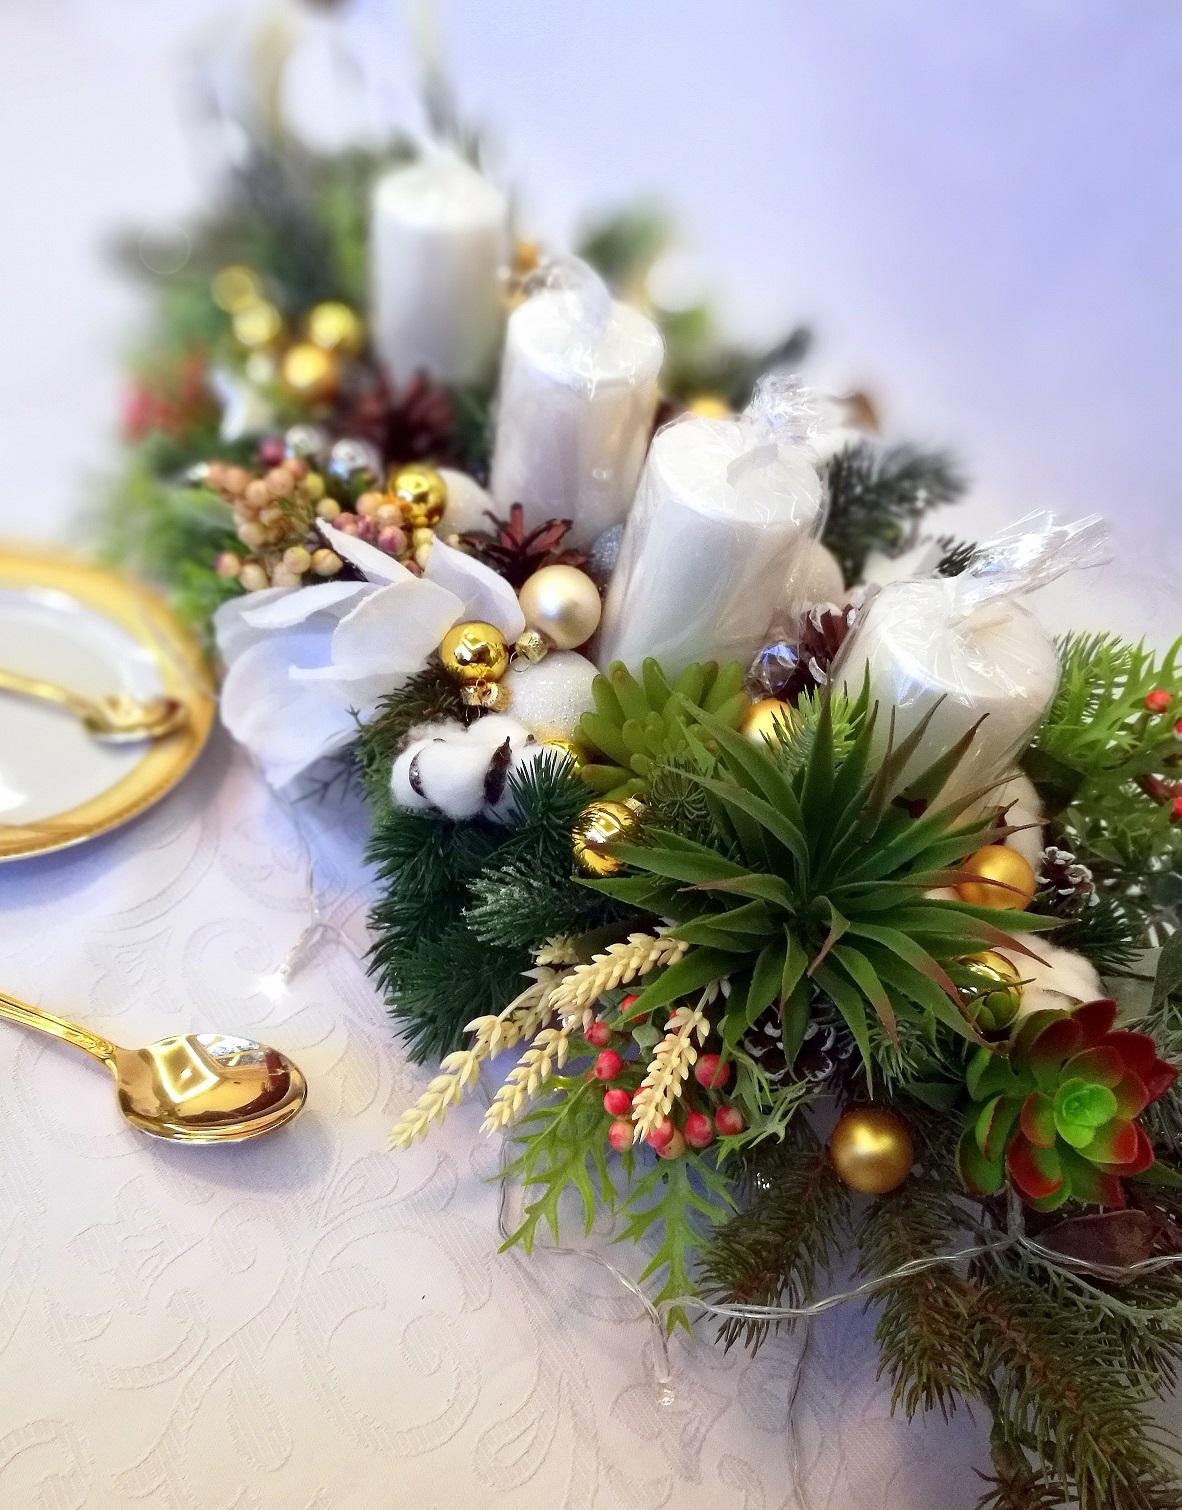 Dekoracja świąteczna z sukulentami roz. M